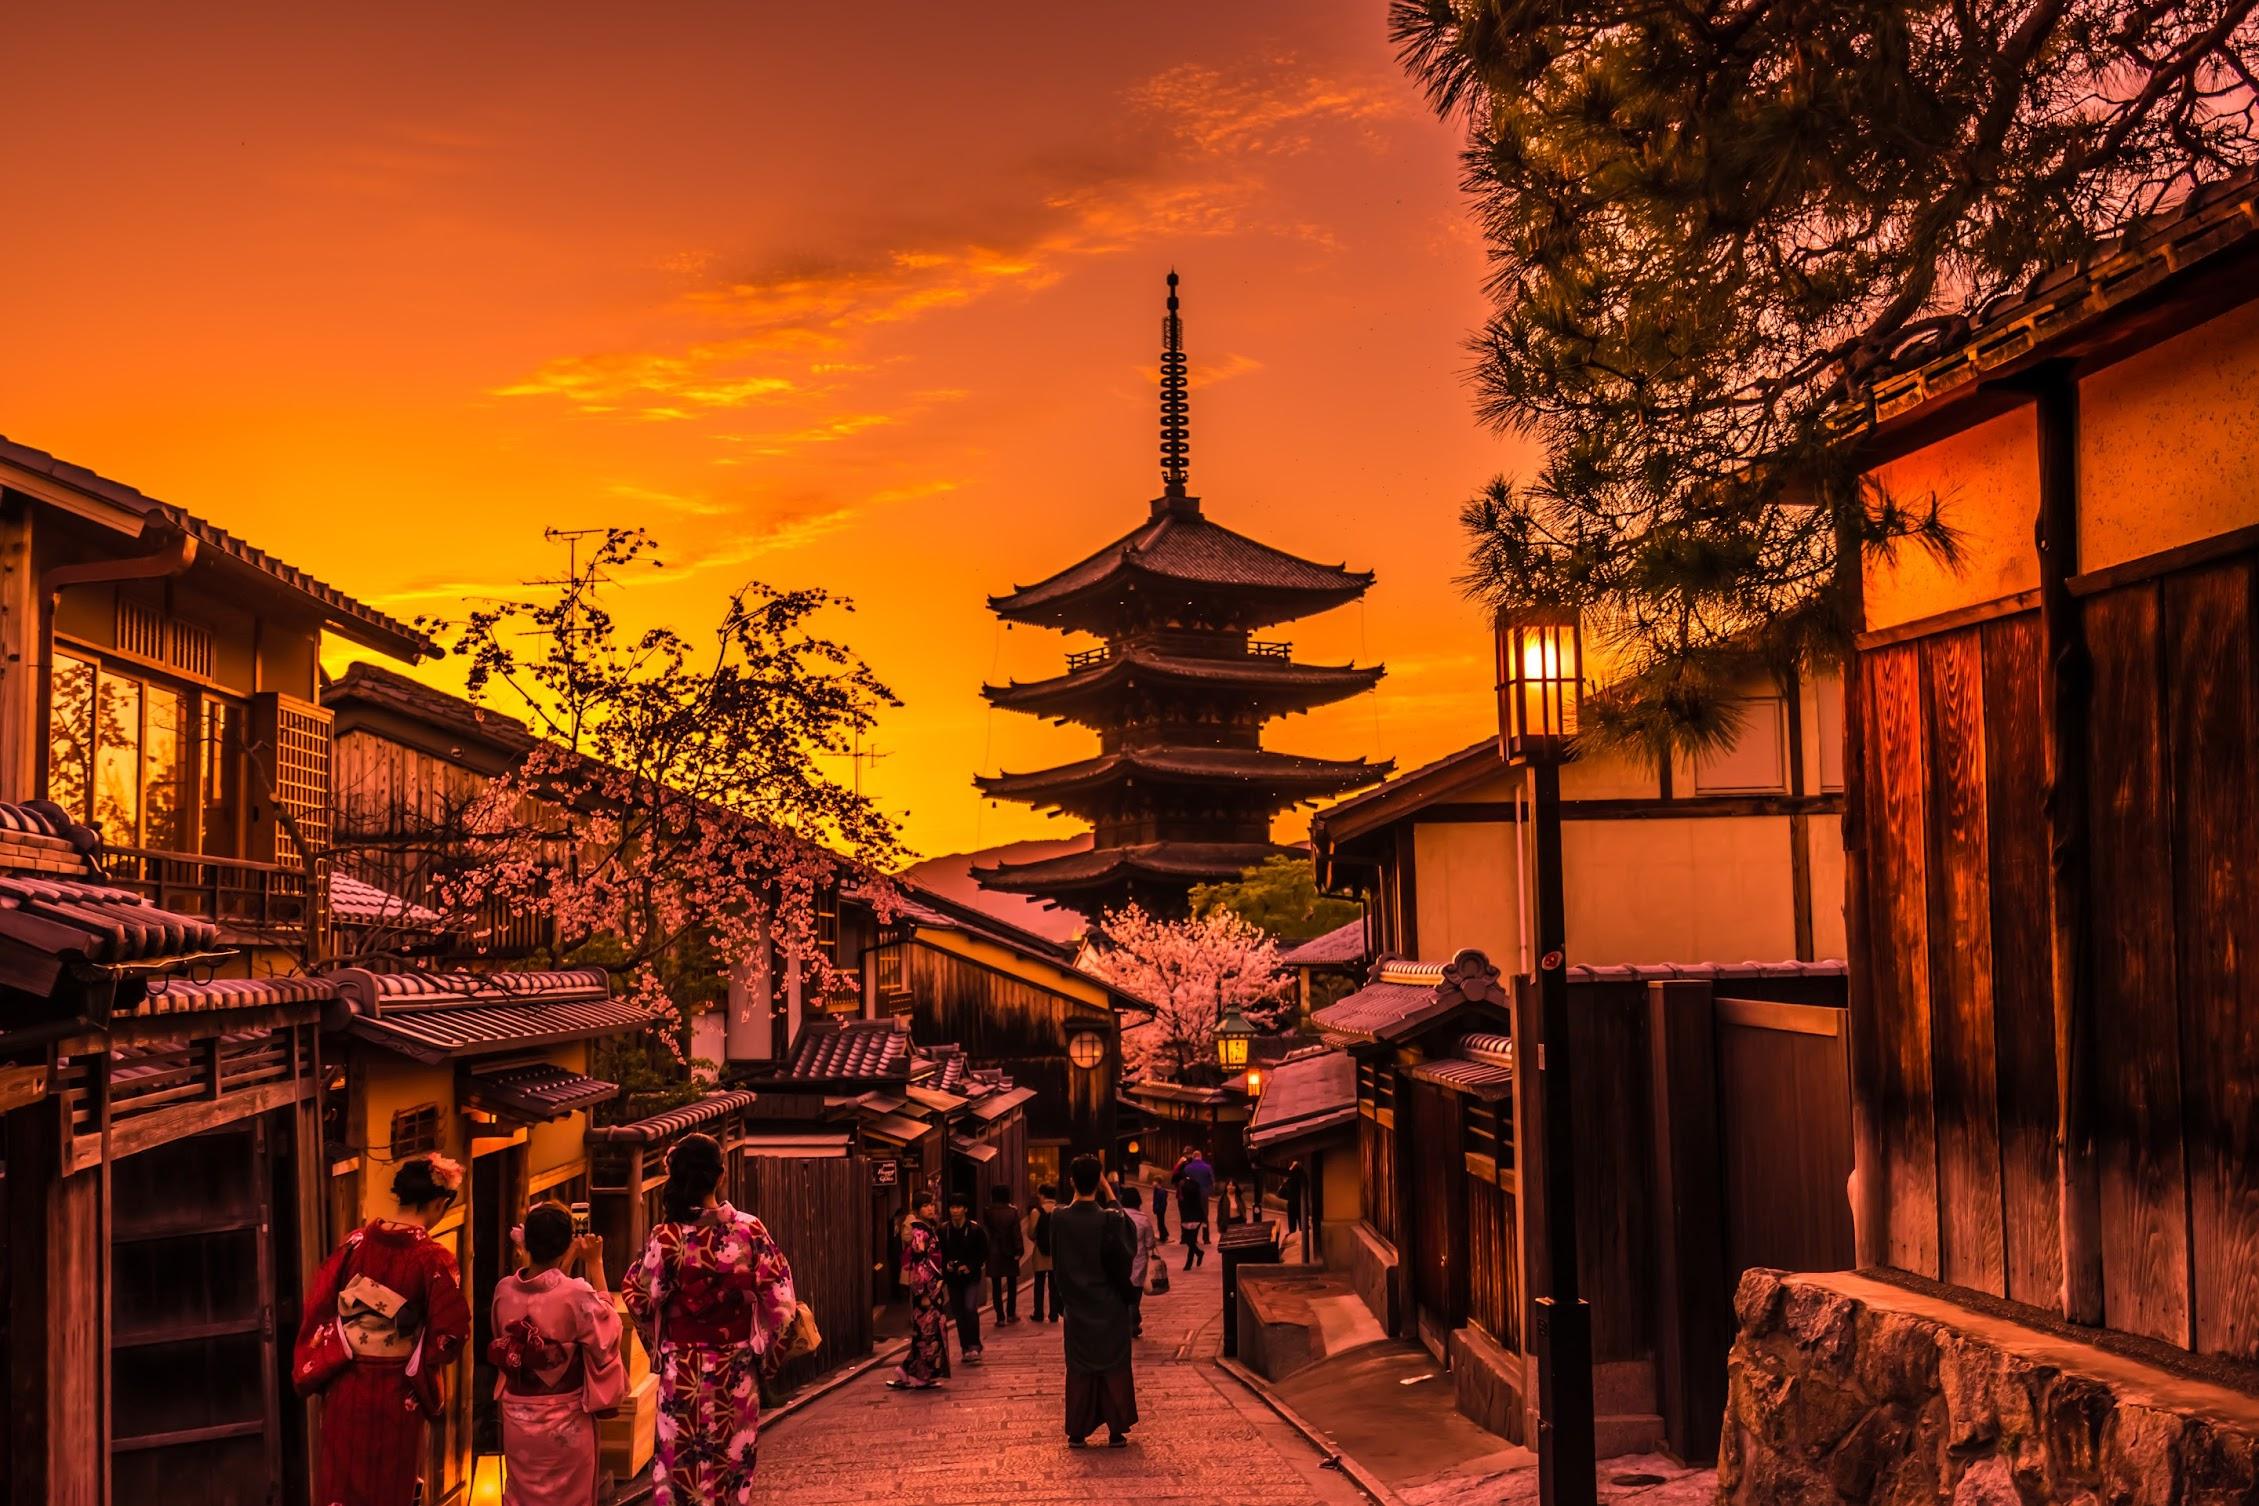 京都 八坂の塔 夕景1